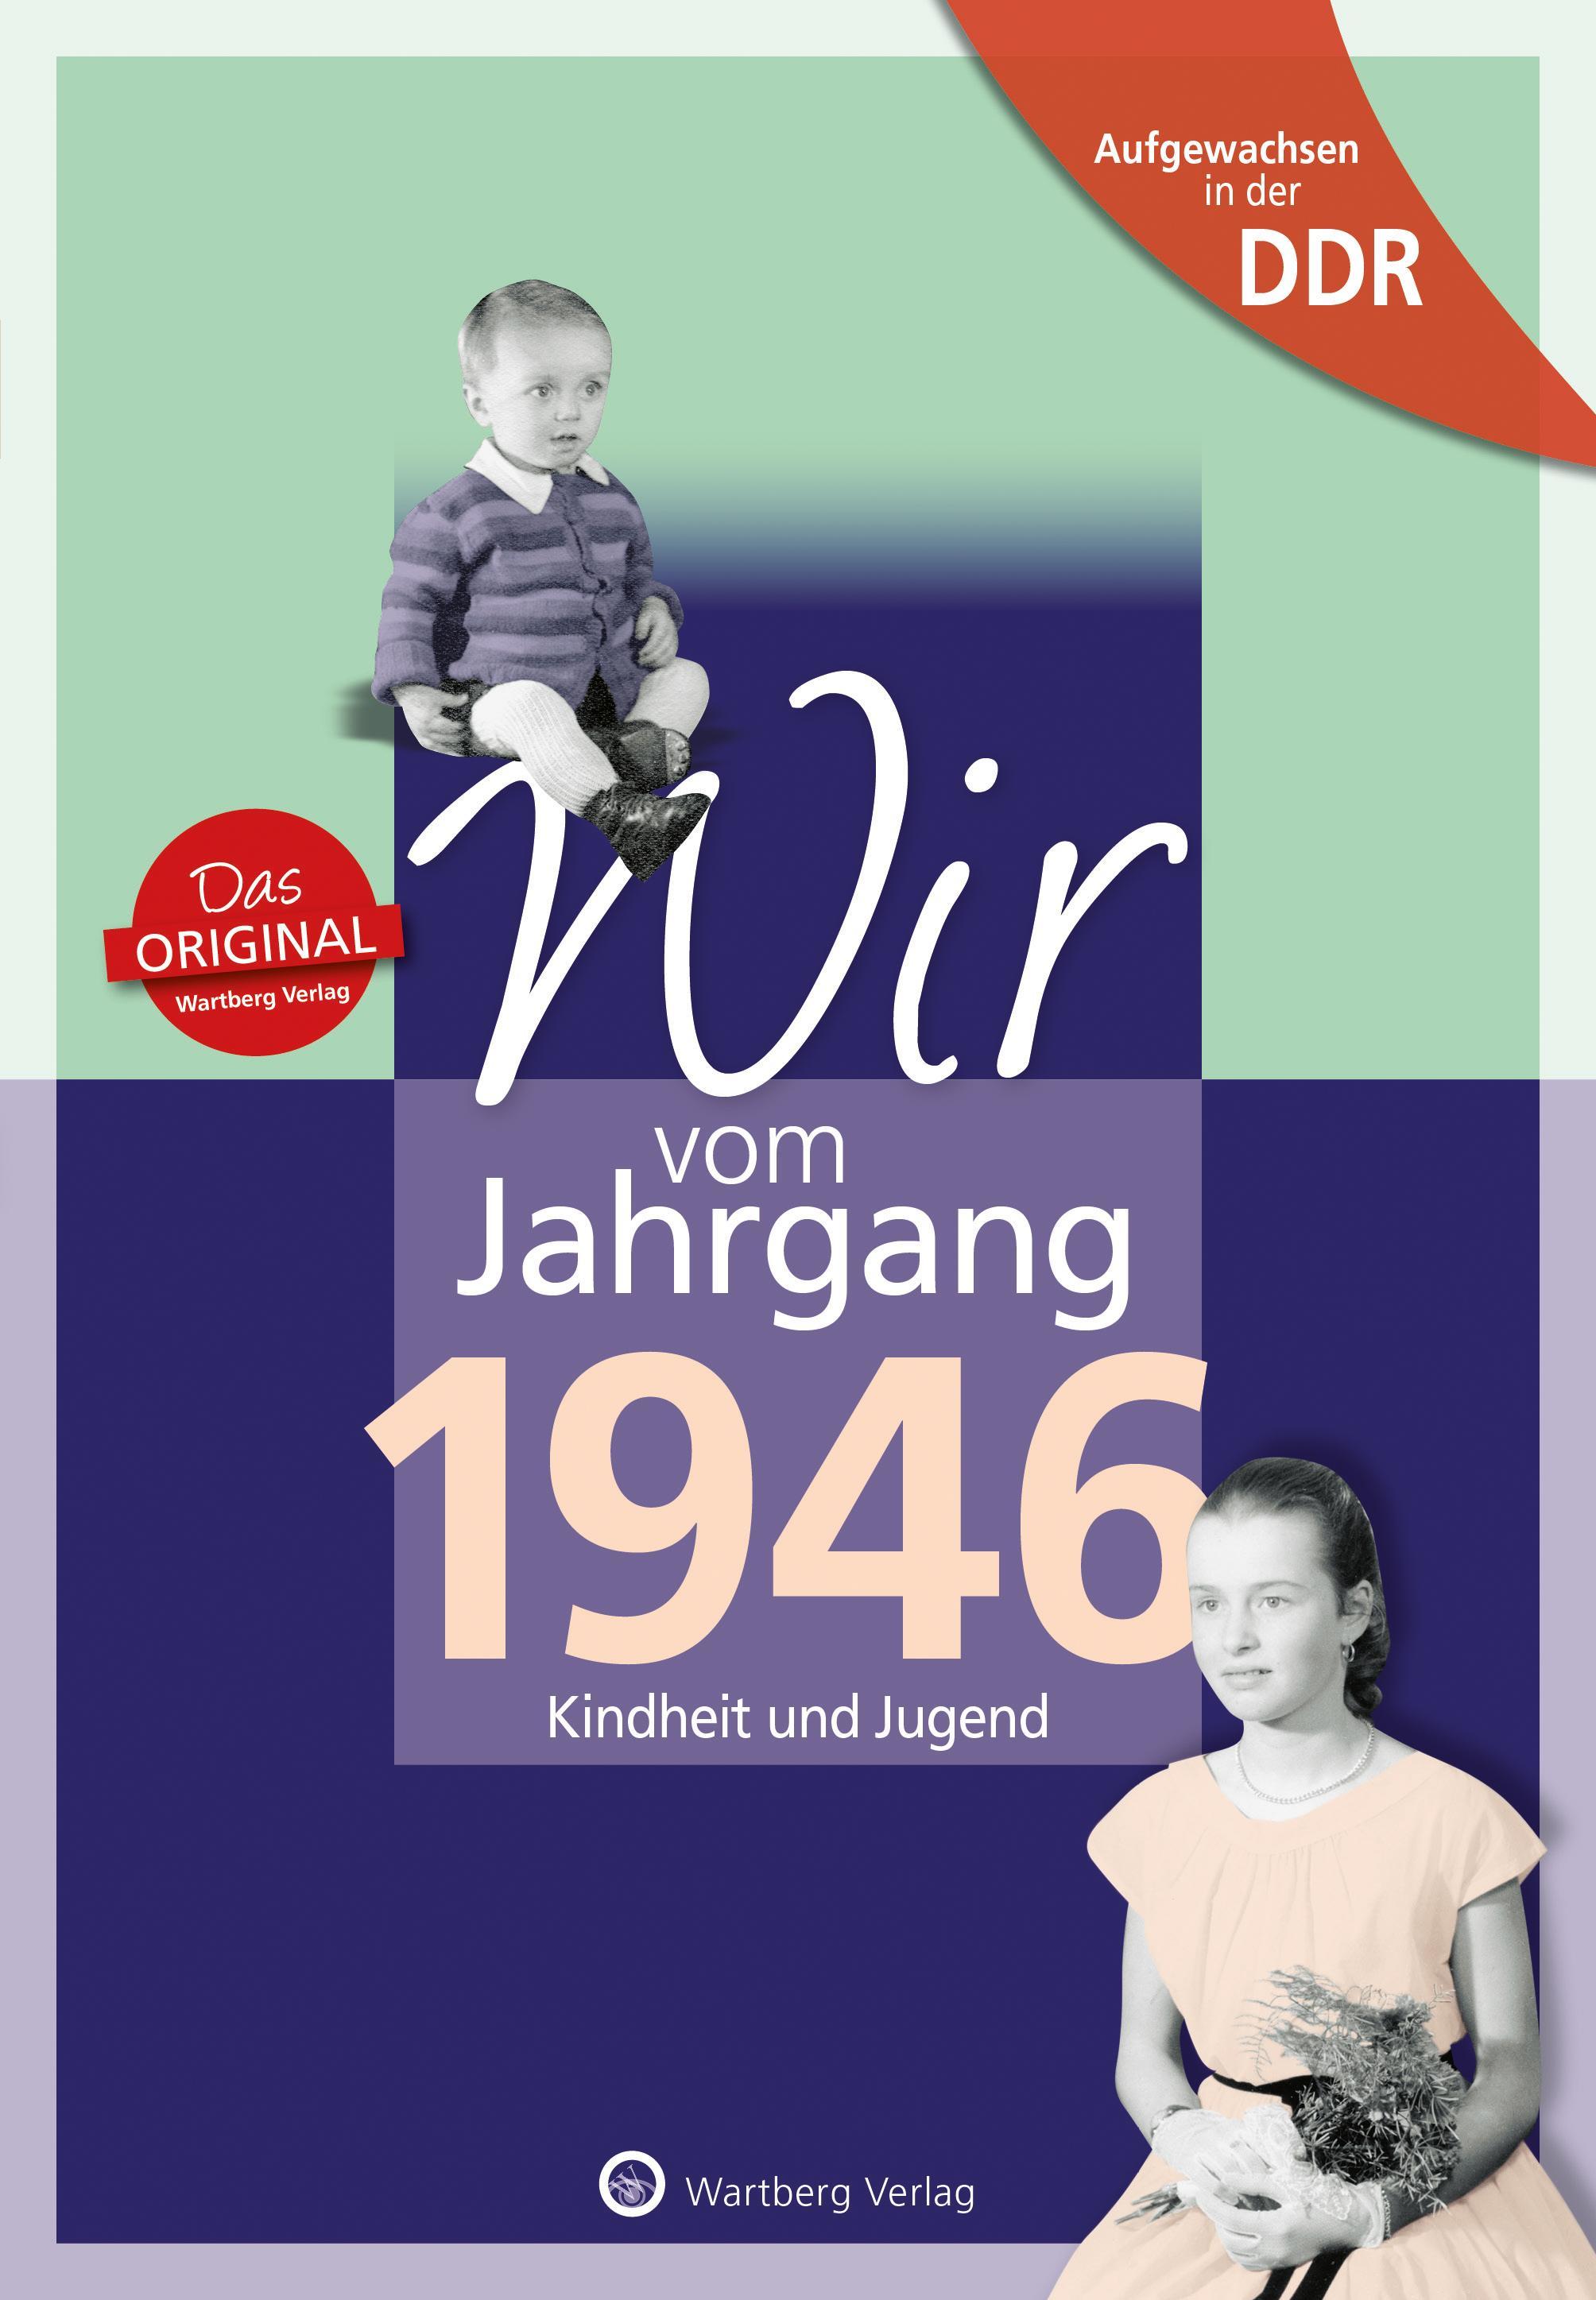 Aufgewachsen in der DDR - Wir vom Jahrgang 1946 - Kindheit und Jugend, Kath ...